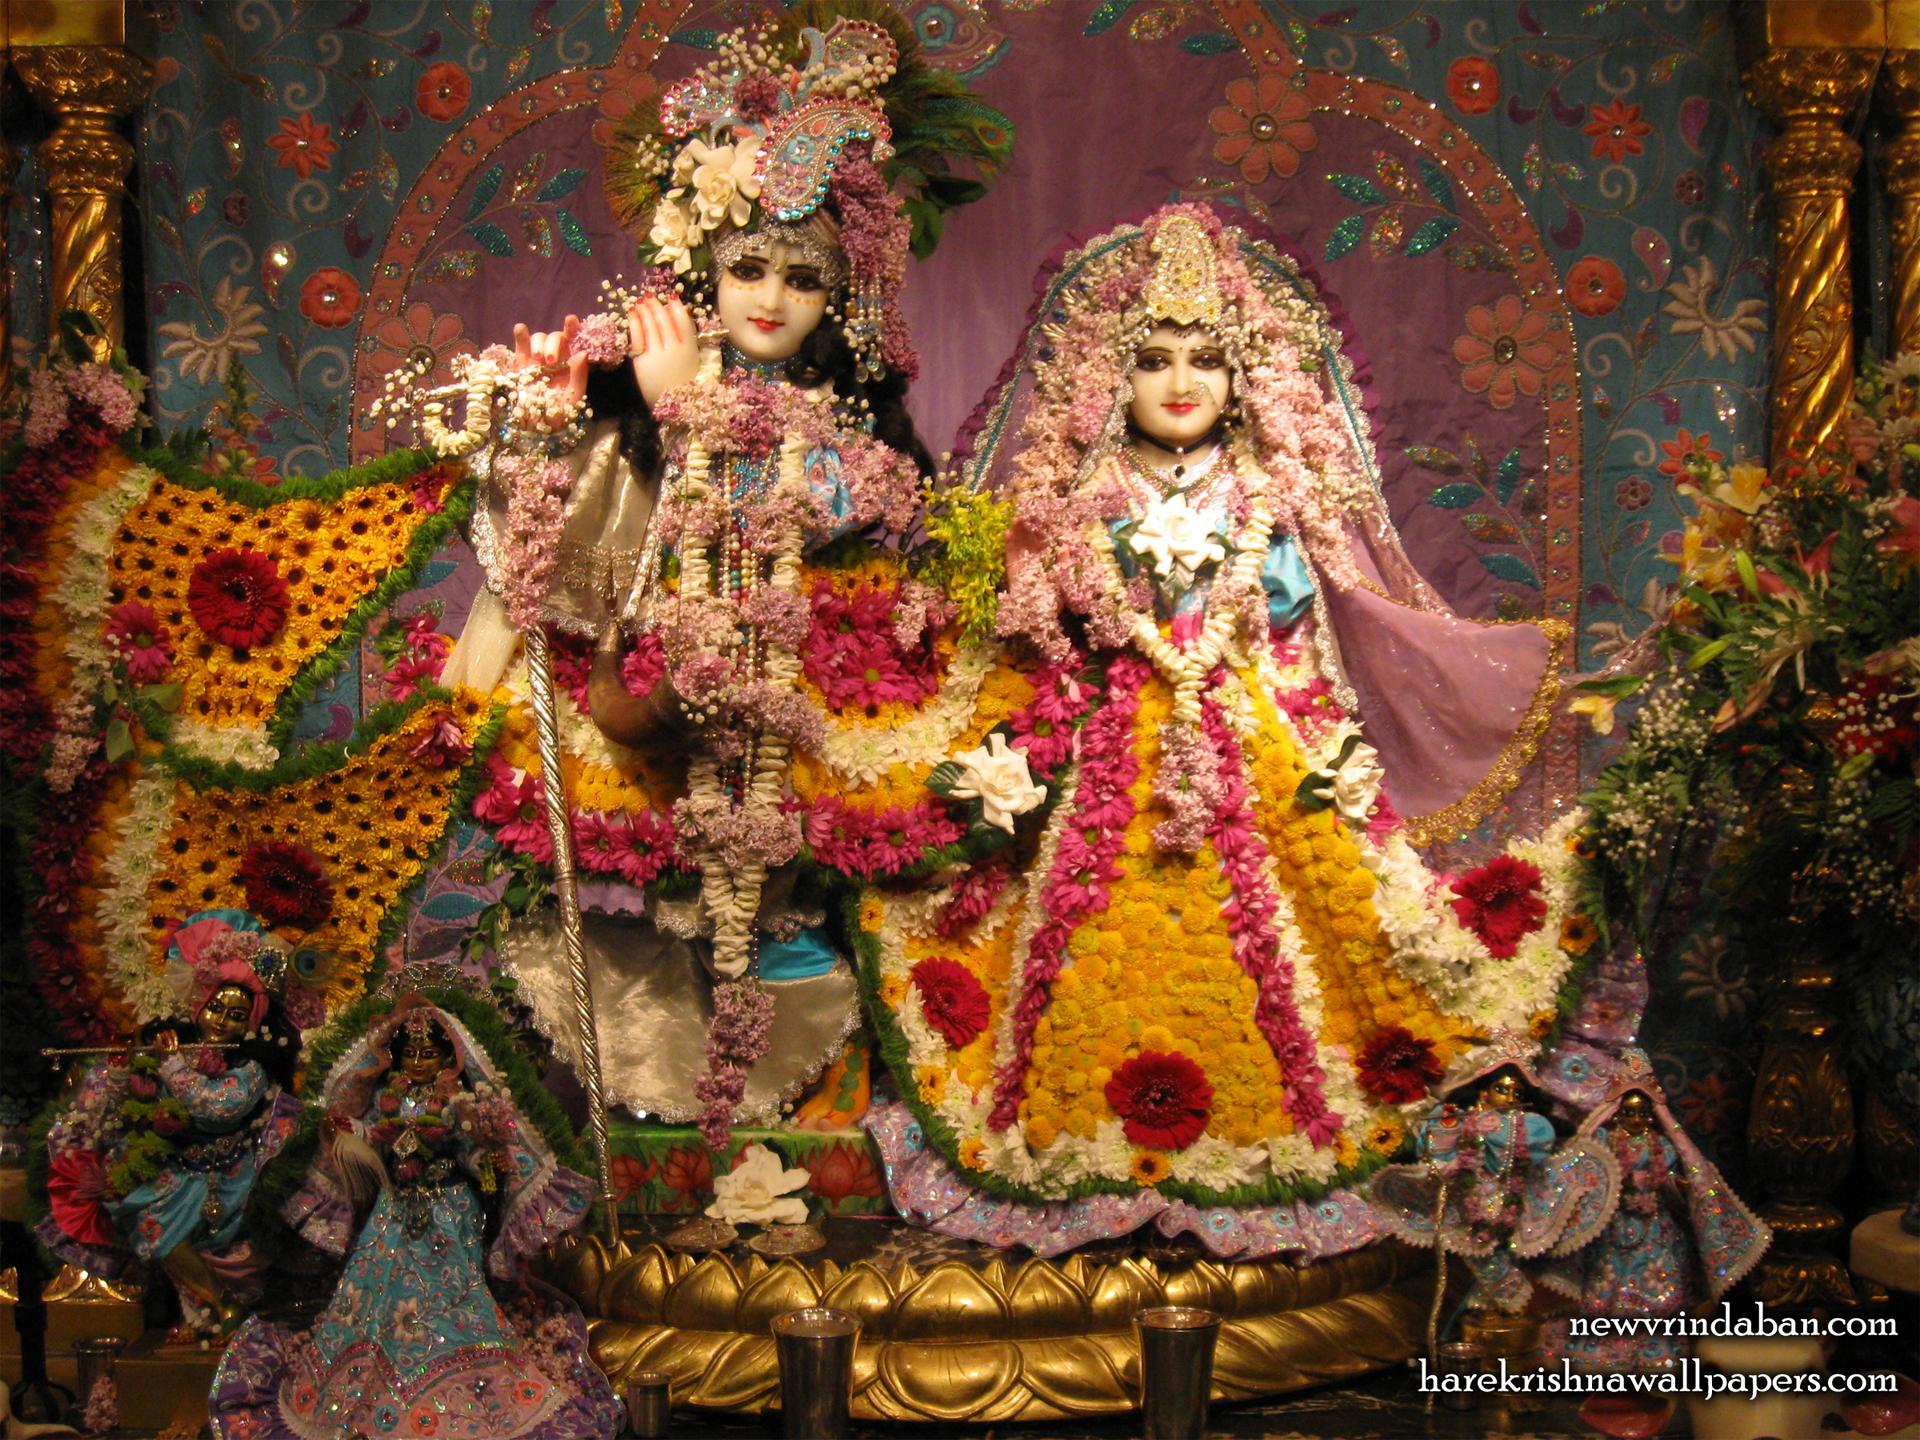 Sri Sri Radha Vrindavana Chandra Wallpaper (005) Size 1920x1440 Download